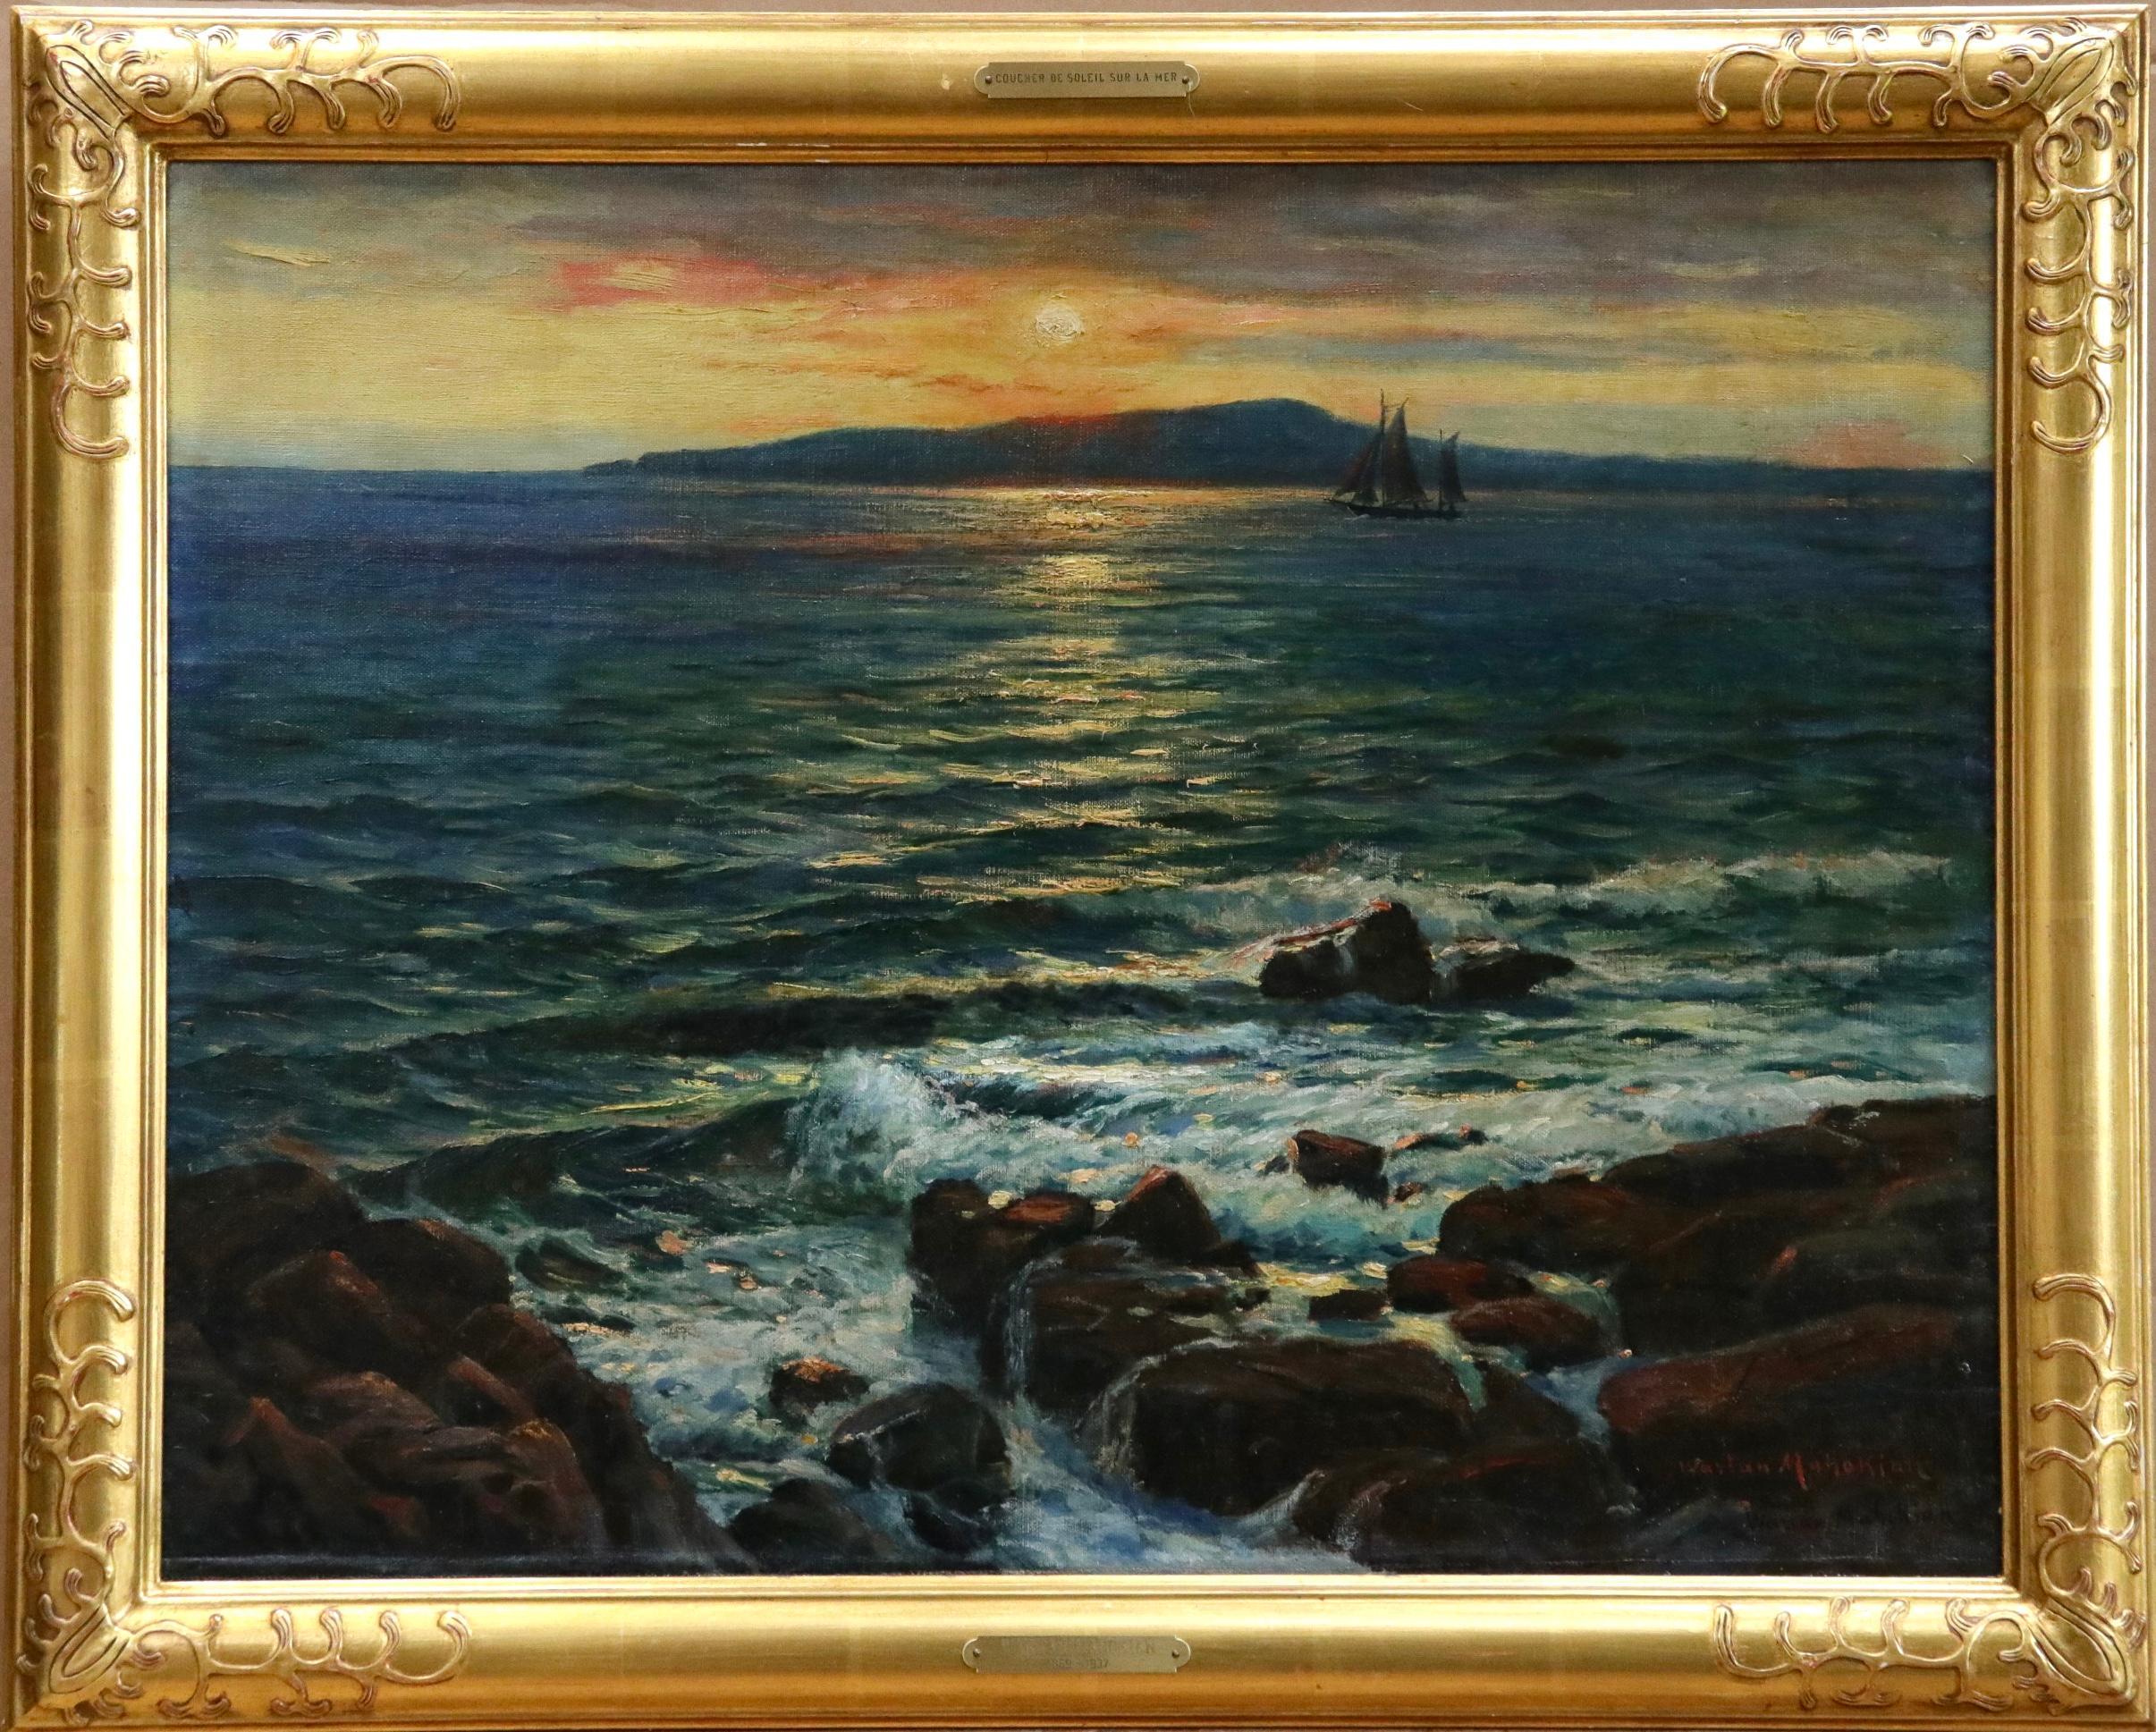 Coucher de Soleil sur la Mer - 19th Century Oil, Sunset over Seascape - Mahokian